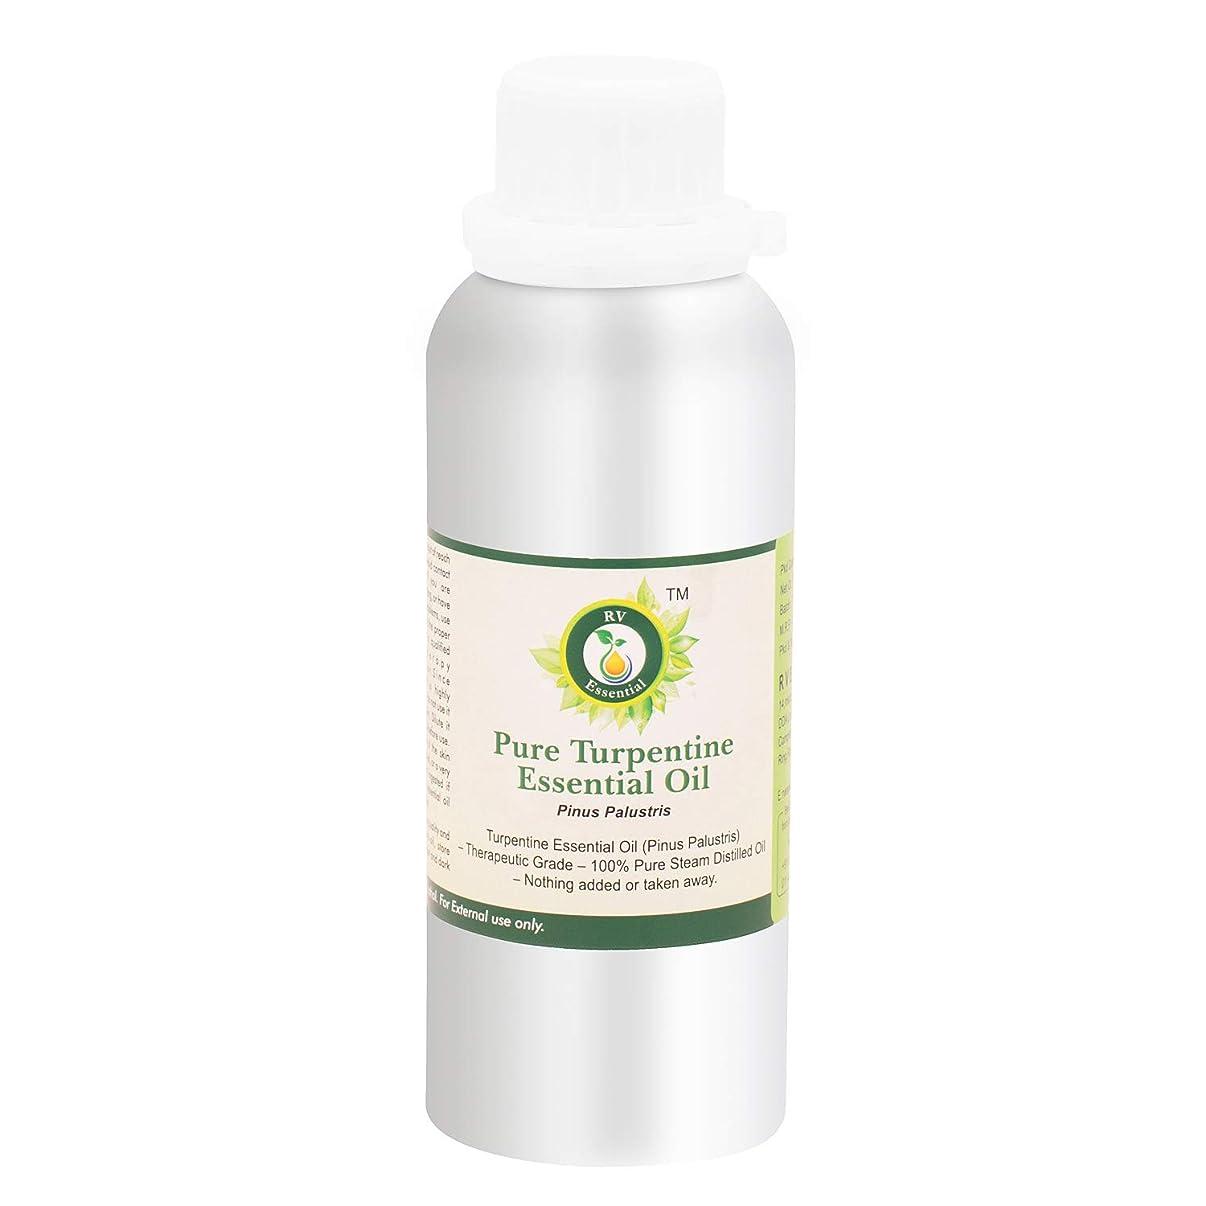 財政前任者十分な純粋なターペンタイン精油300ml (10oz)- Pinus Palustris (100%純粋&天然スチームDistilled) Pure Turpentine Essential Oil